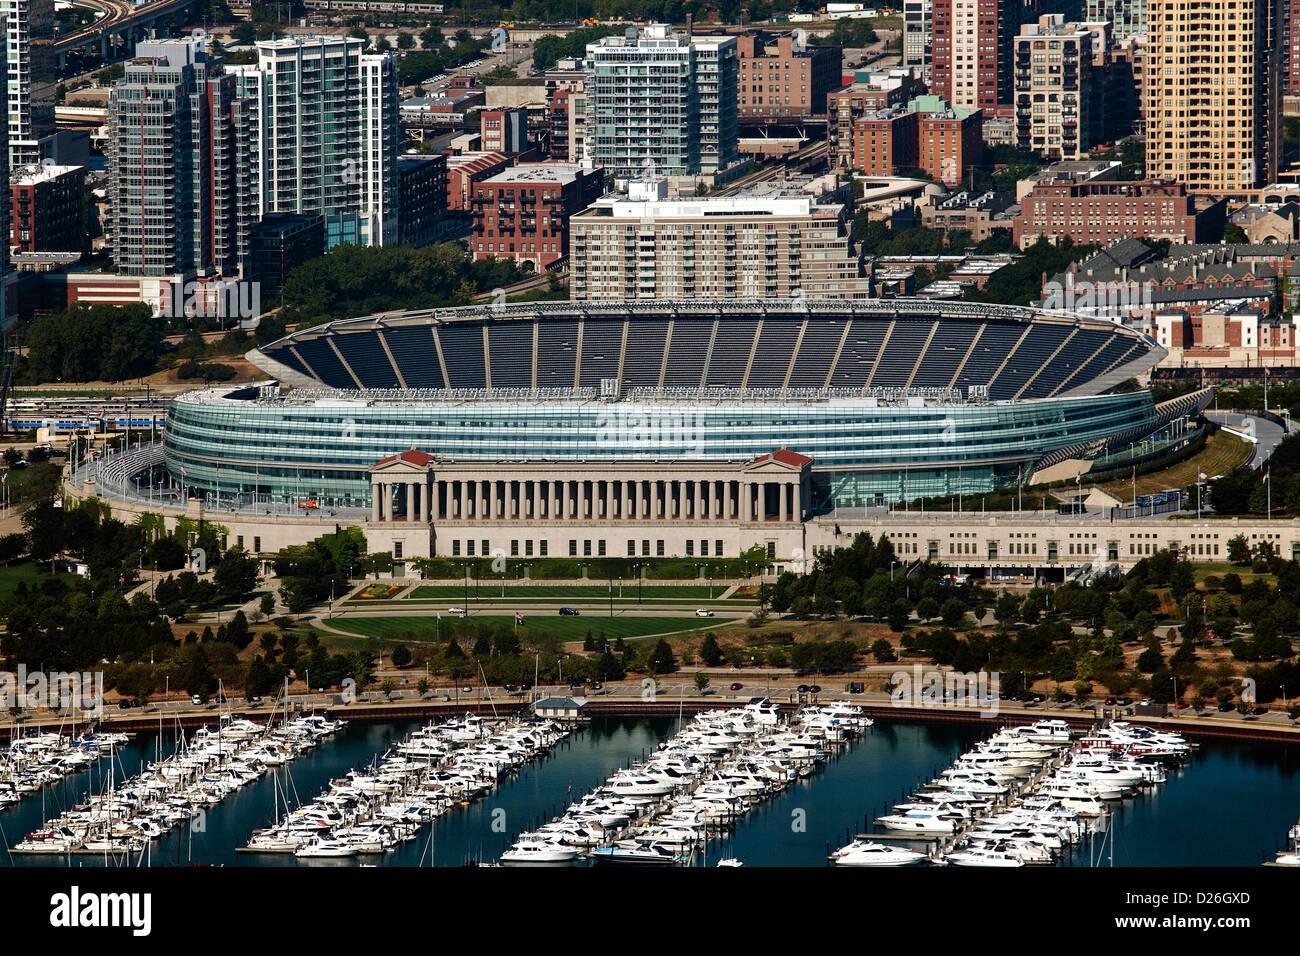 Fotografia aerea Soldier Field, Chicago, Illinois Immagini Stock